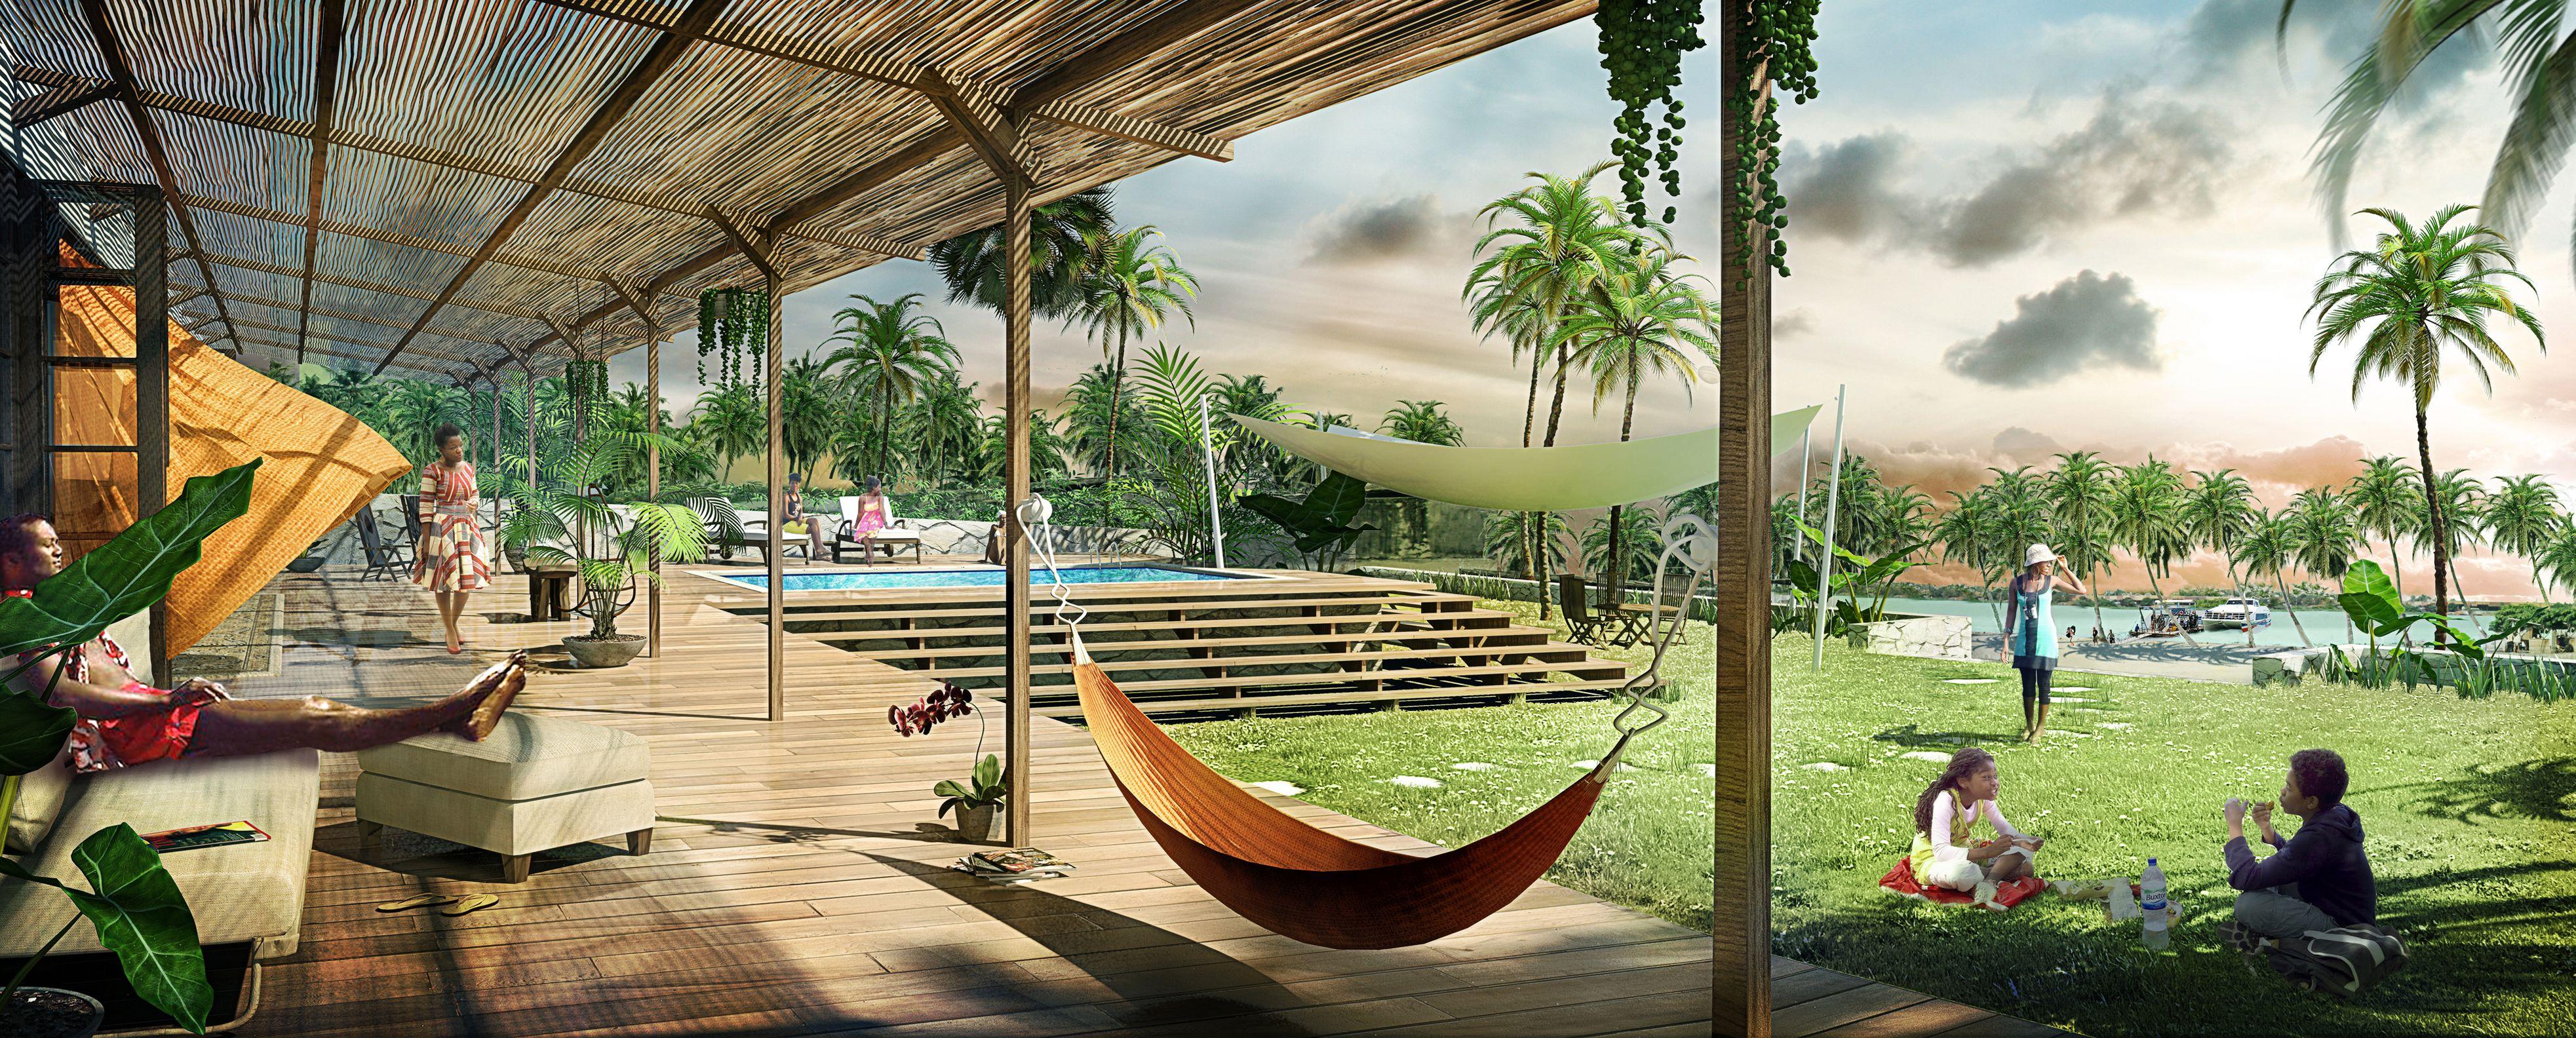 atelier villes paysages c te d 39 ivoire abidjan co a rocit jardin ma tre d ouvrage. Black Bedroom Furniture Sets. Home Design Ideas